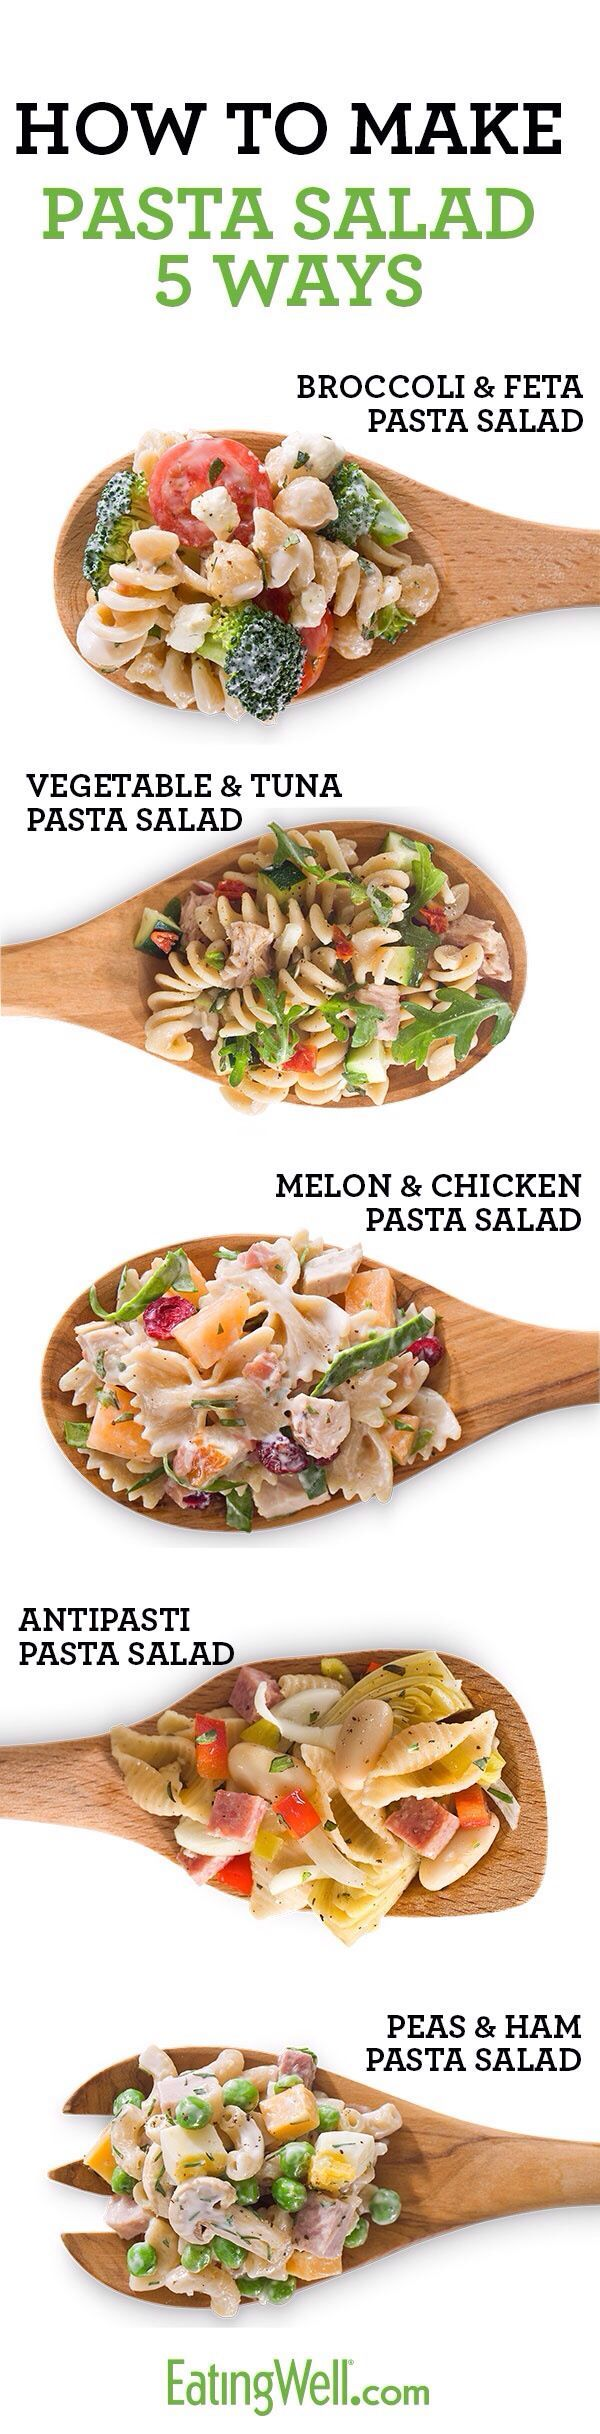 5 ways to make pasta salad